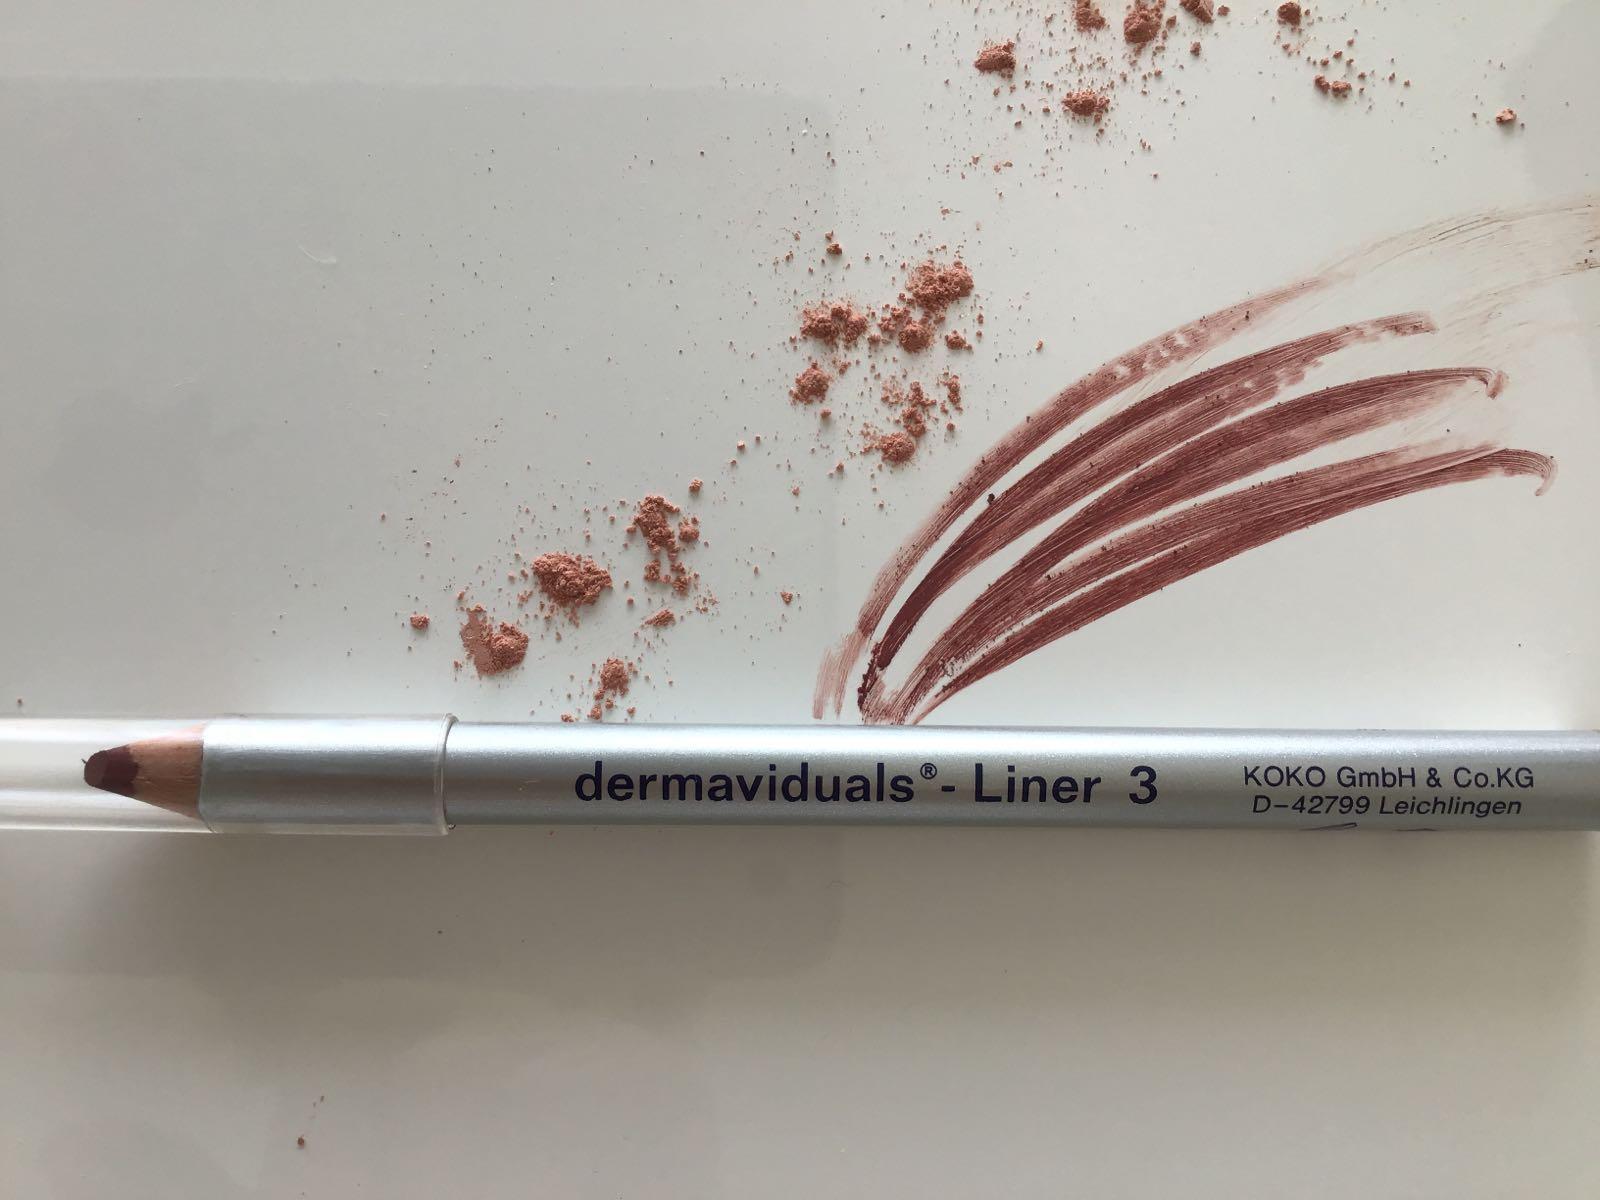 Dermaviduals Liner 3 rotbraun